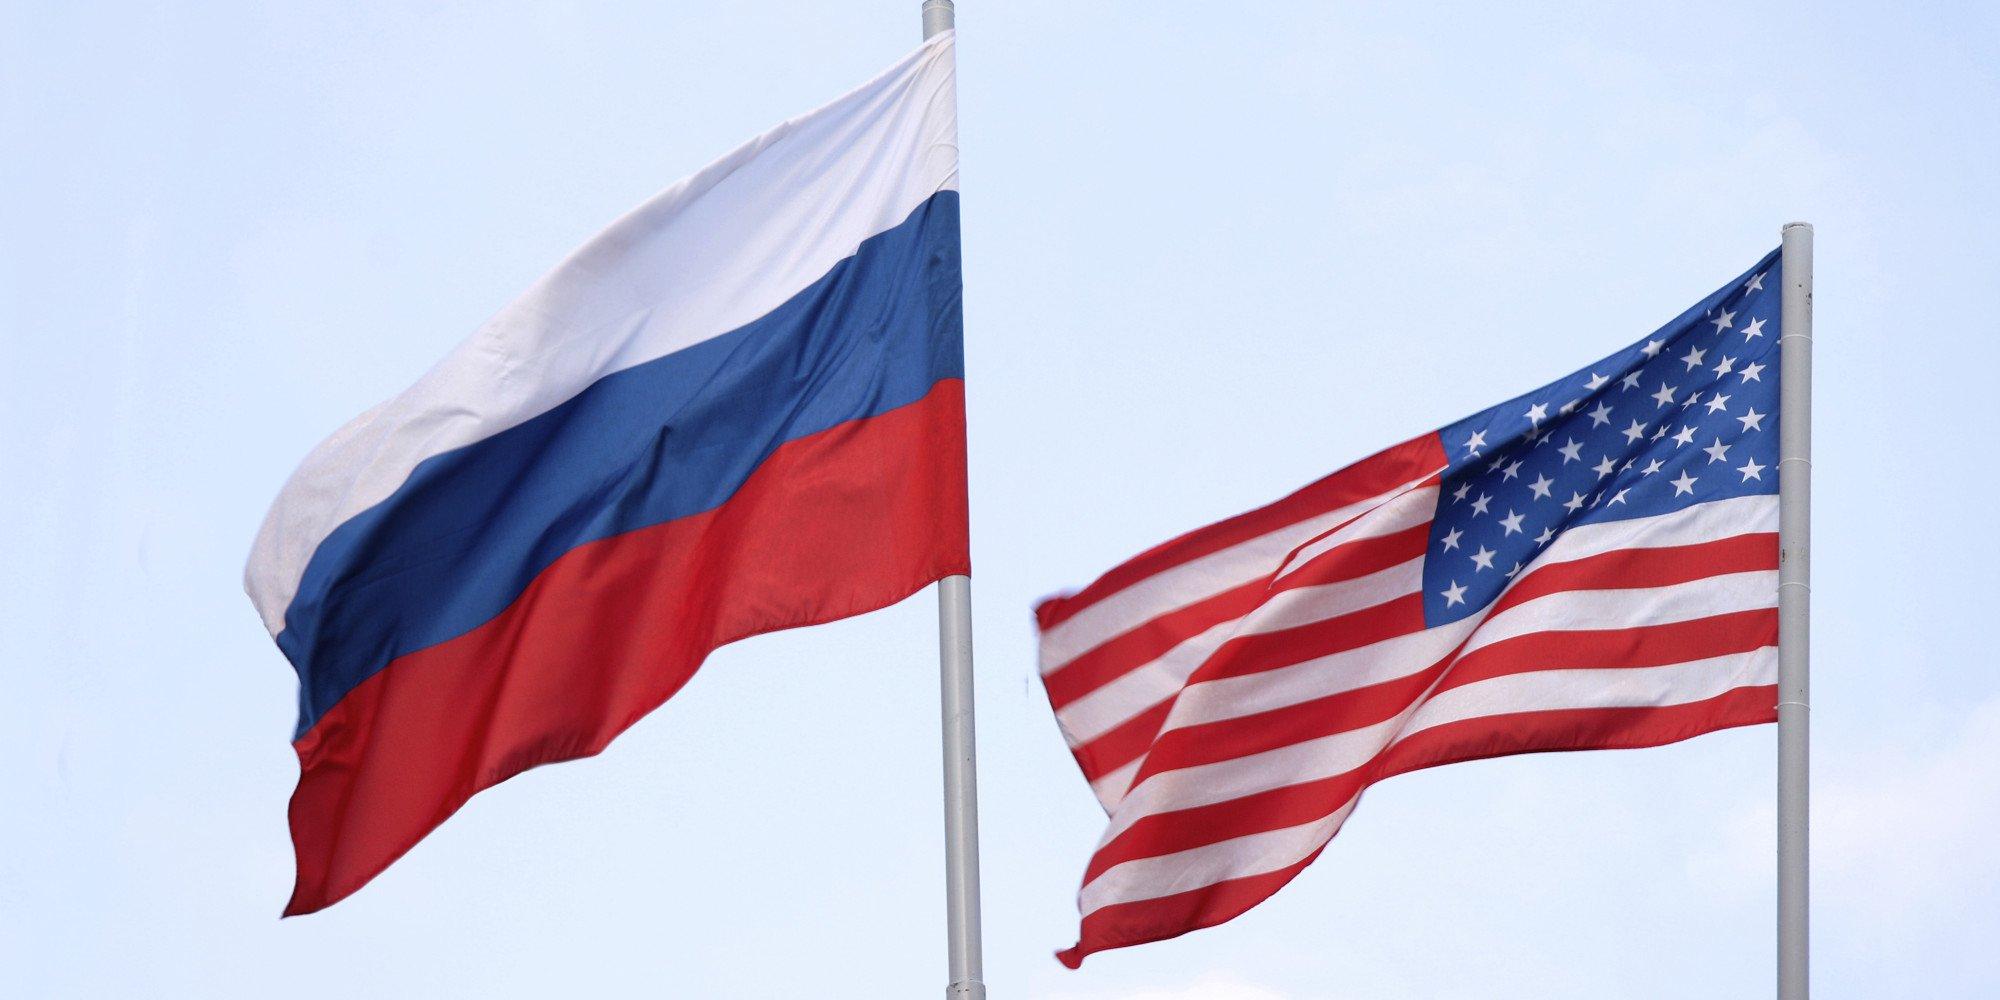 Rusya'dan ABD'ye sert açıklama: Cevabını alırlar